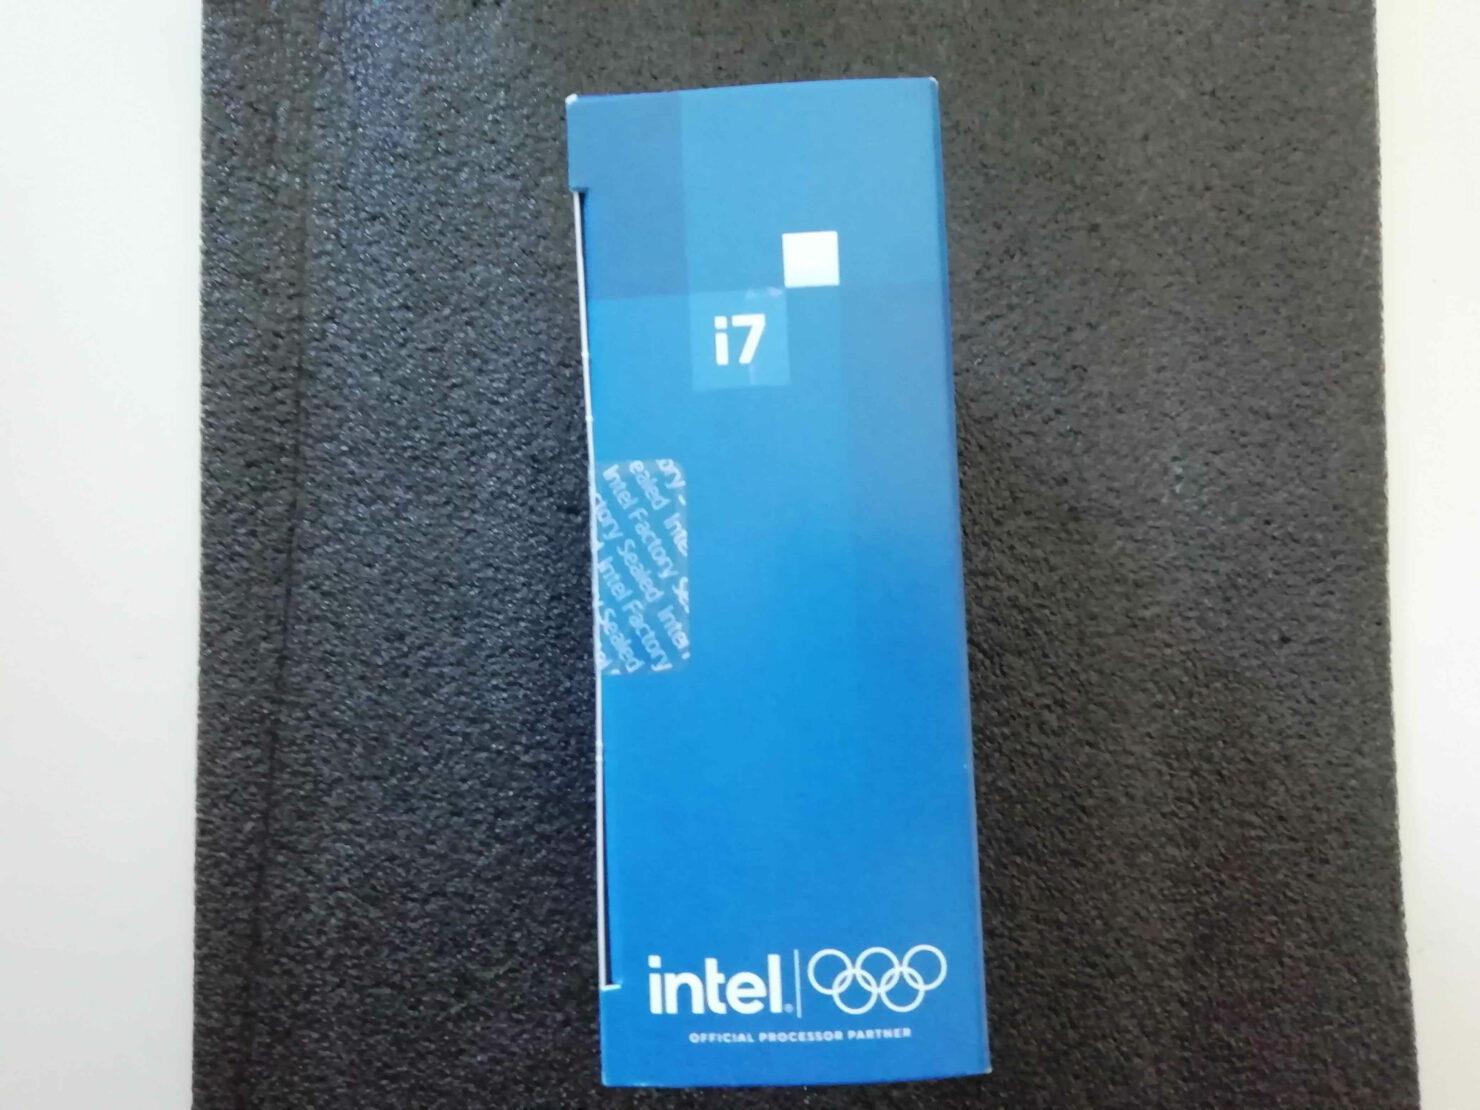 intel-core-i7-11700k-rocket-lake-8-core-desktop-cpu-_29